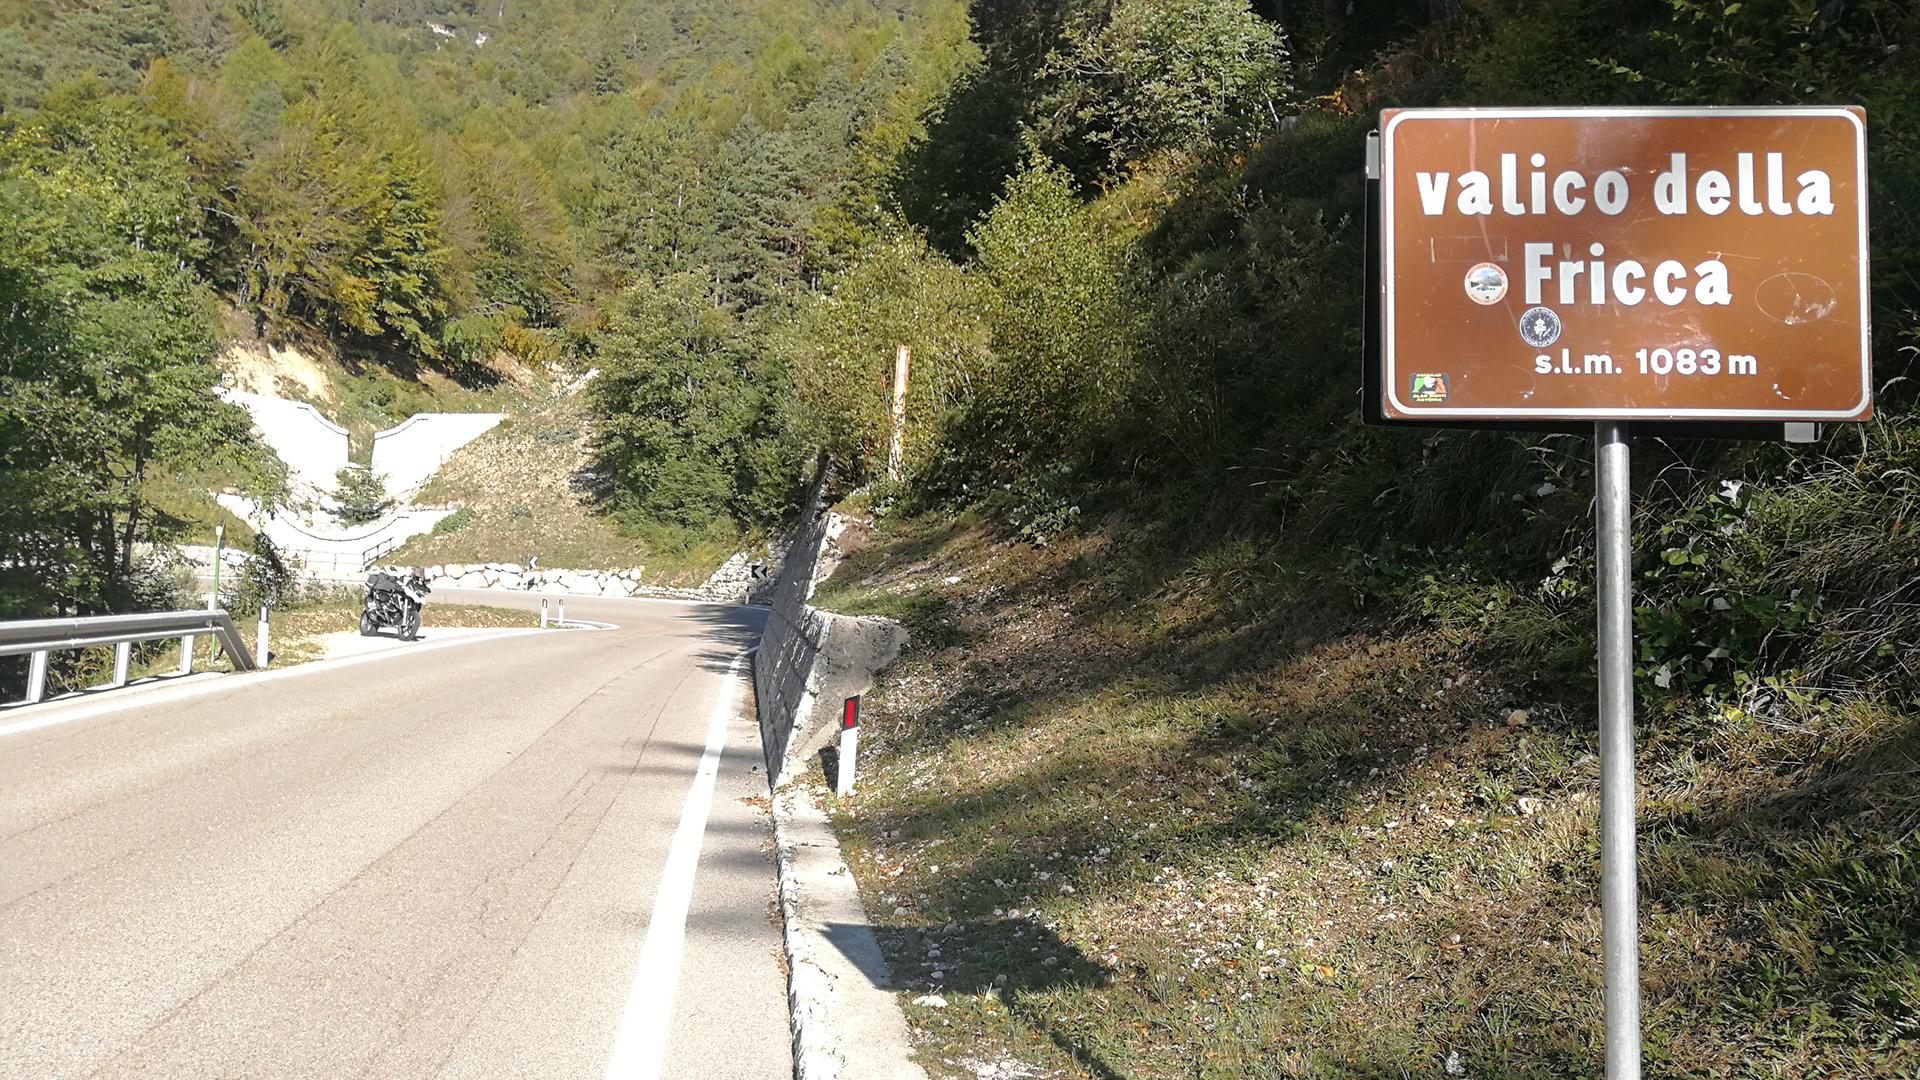 1083 - I - Valico della Fricca